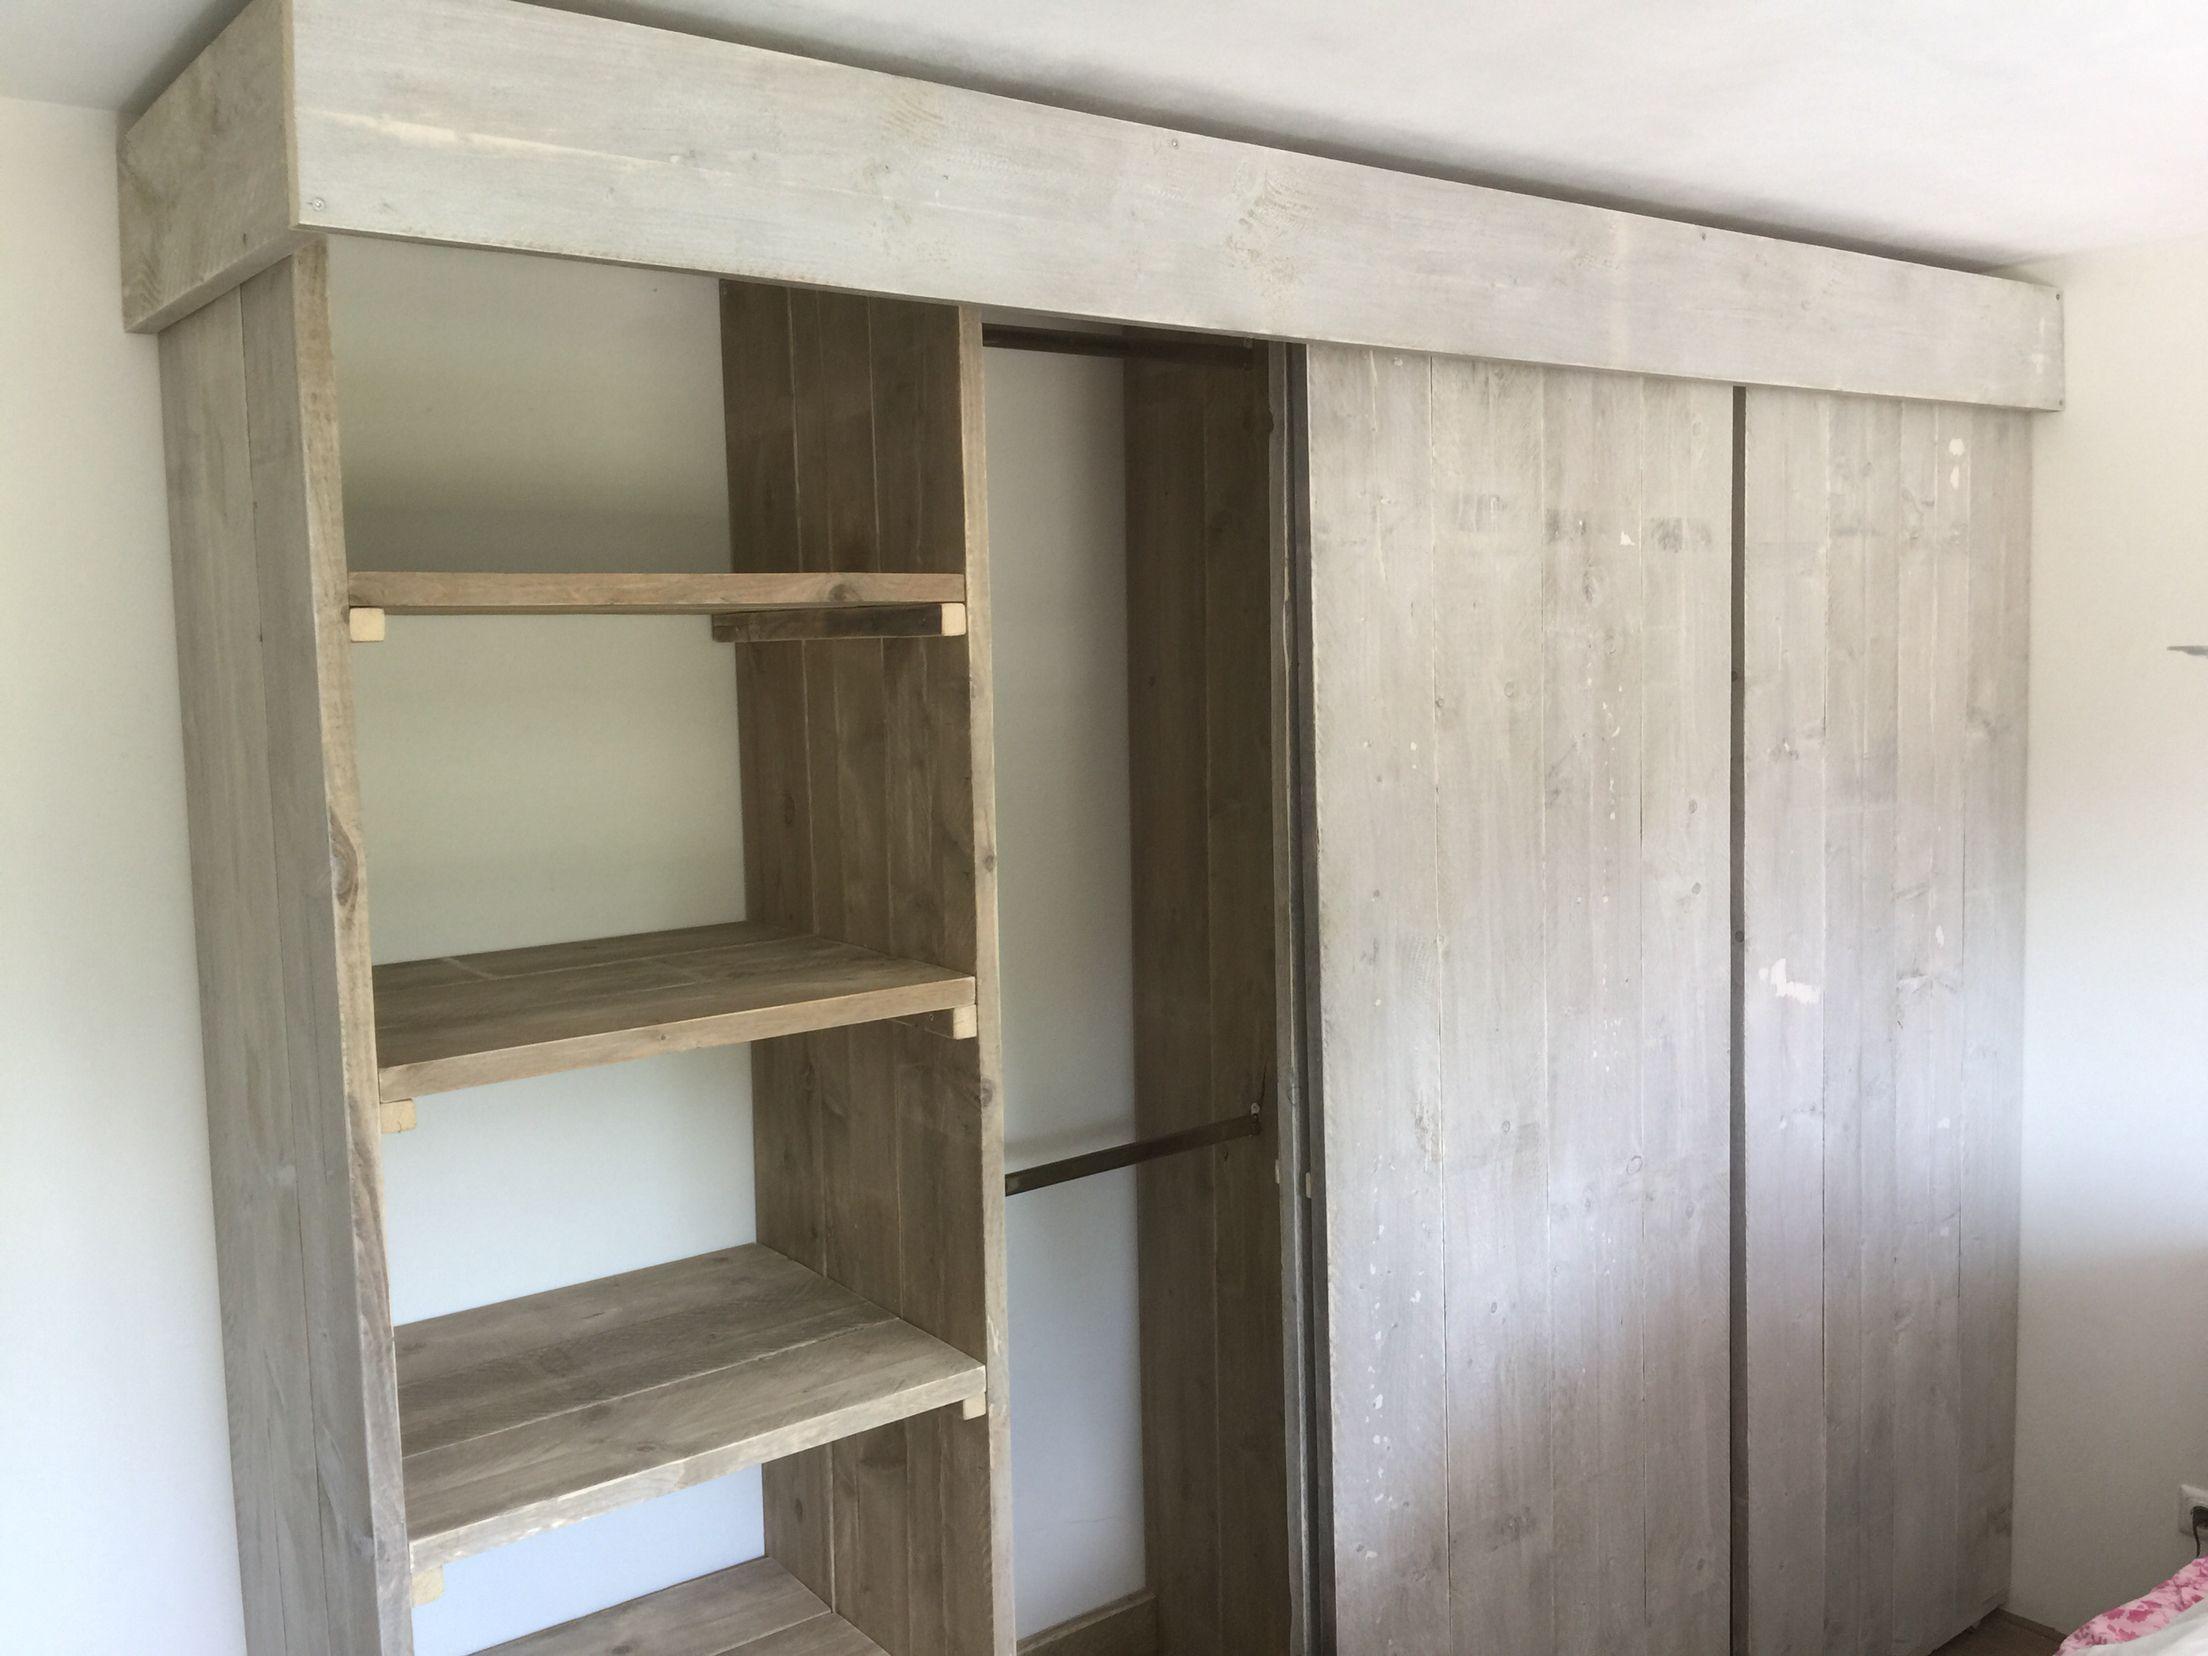 Betere Kledingkast steigerhout schuifdeuren | Kast zelf maken JD-48